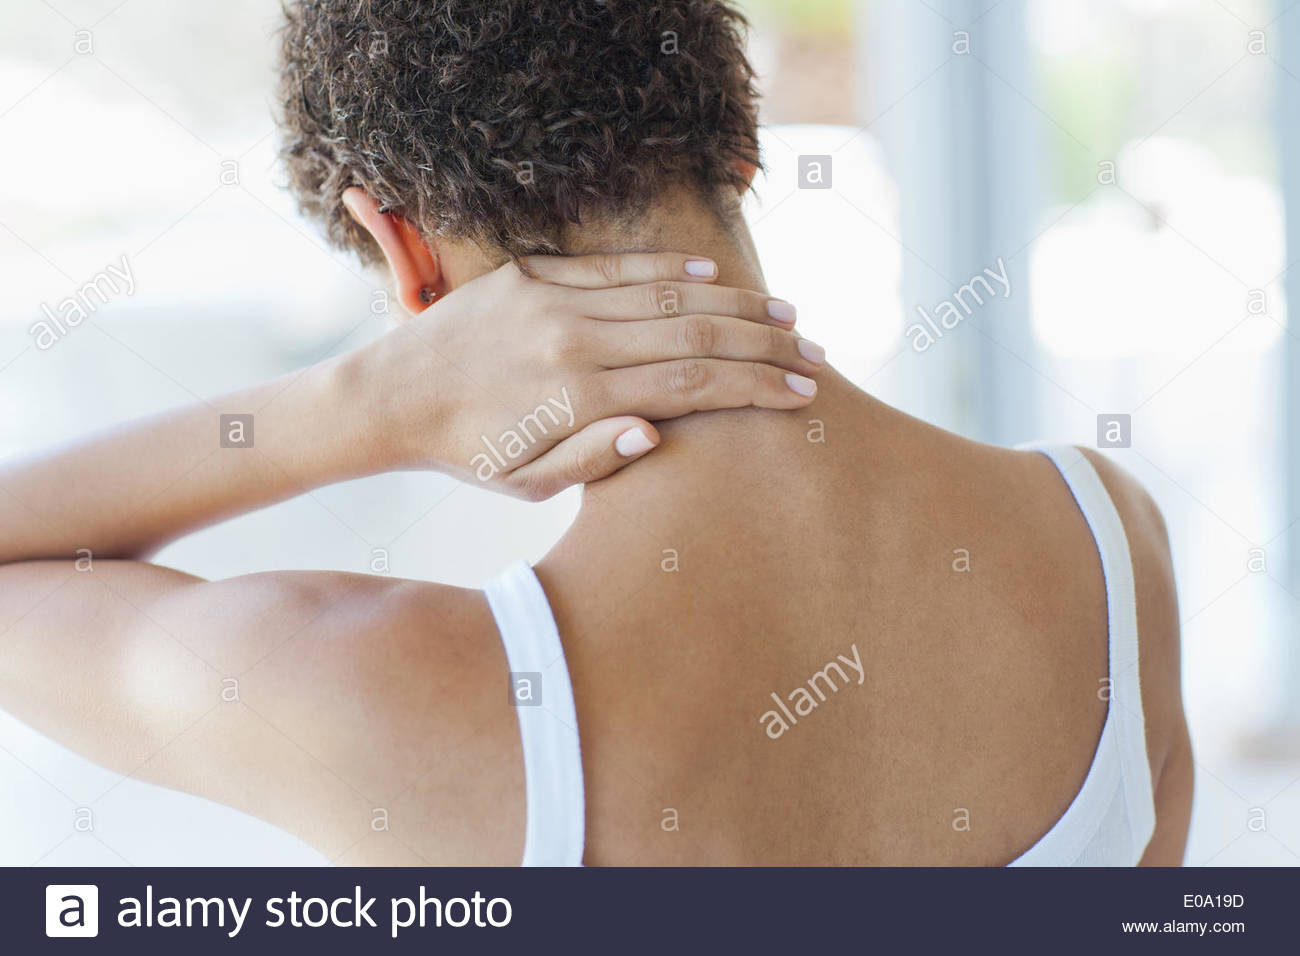 Woman rubbing sore neck - Stock Image